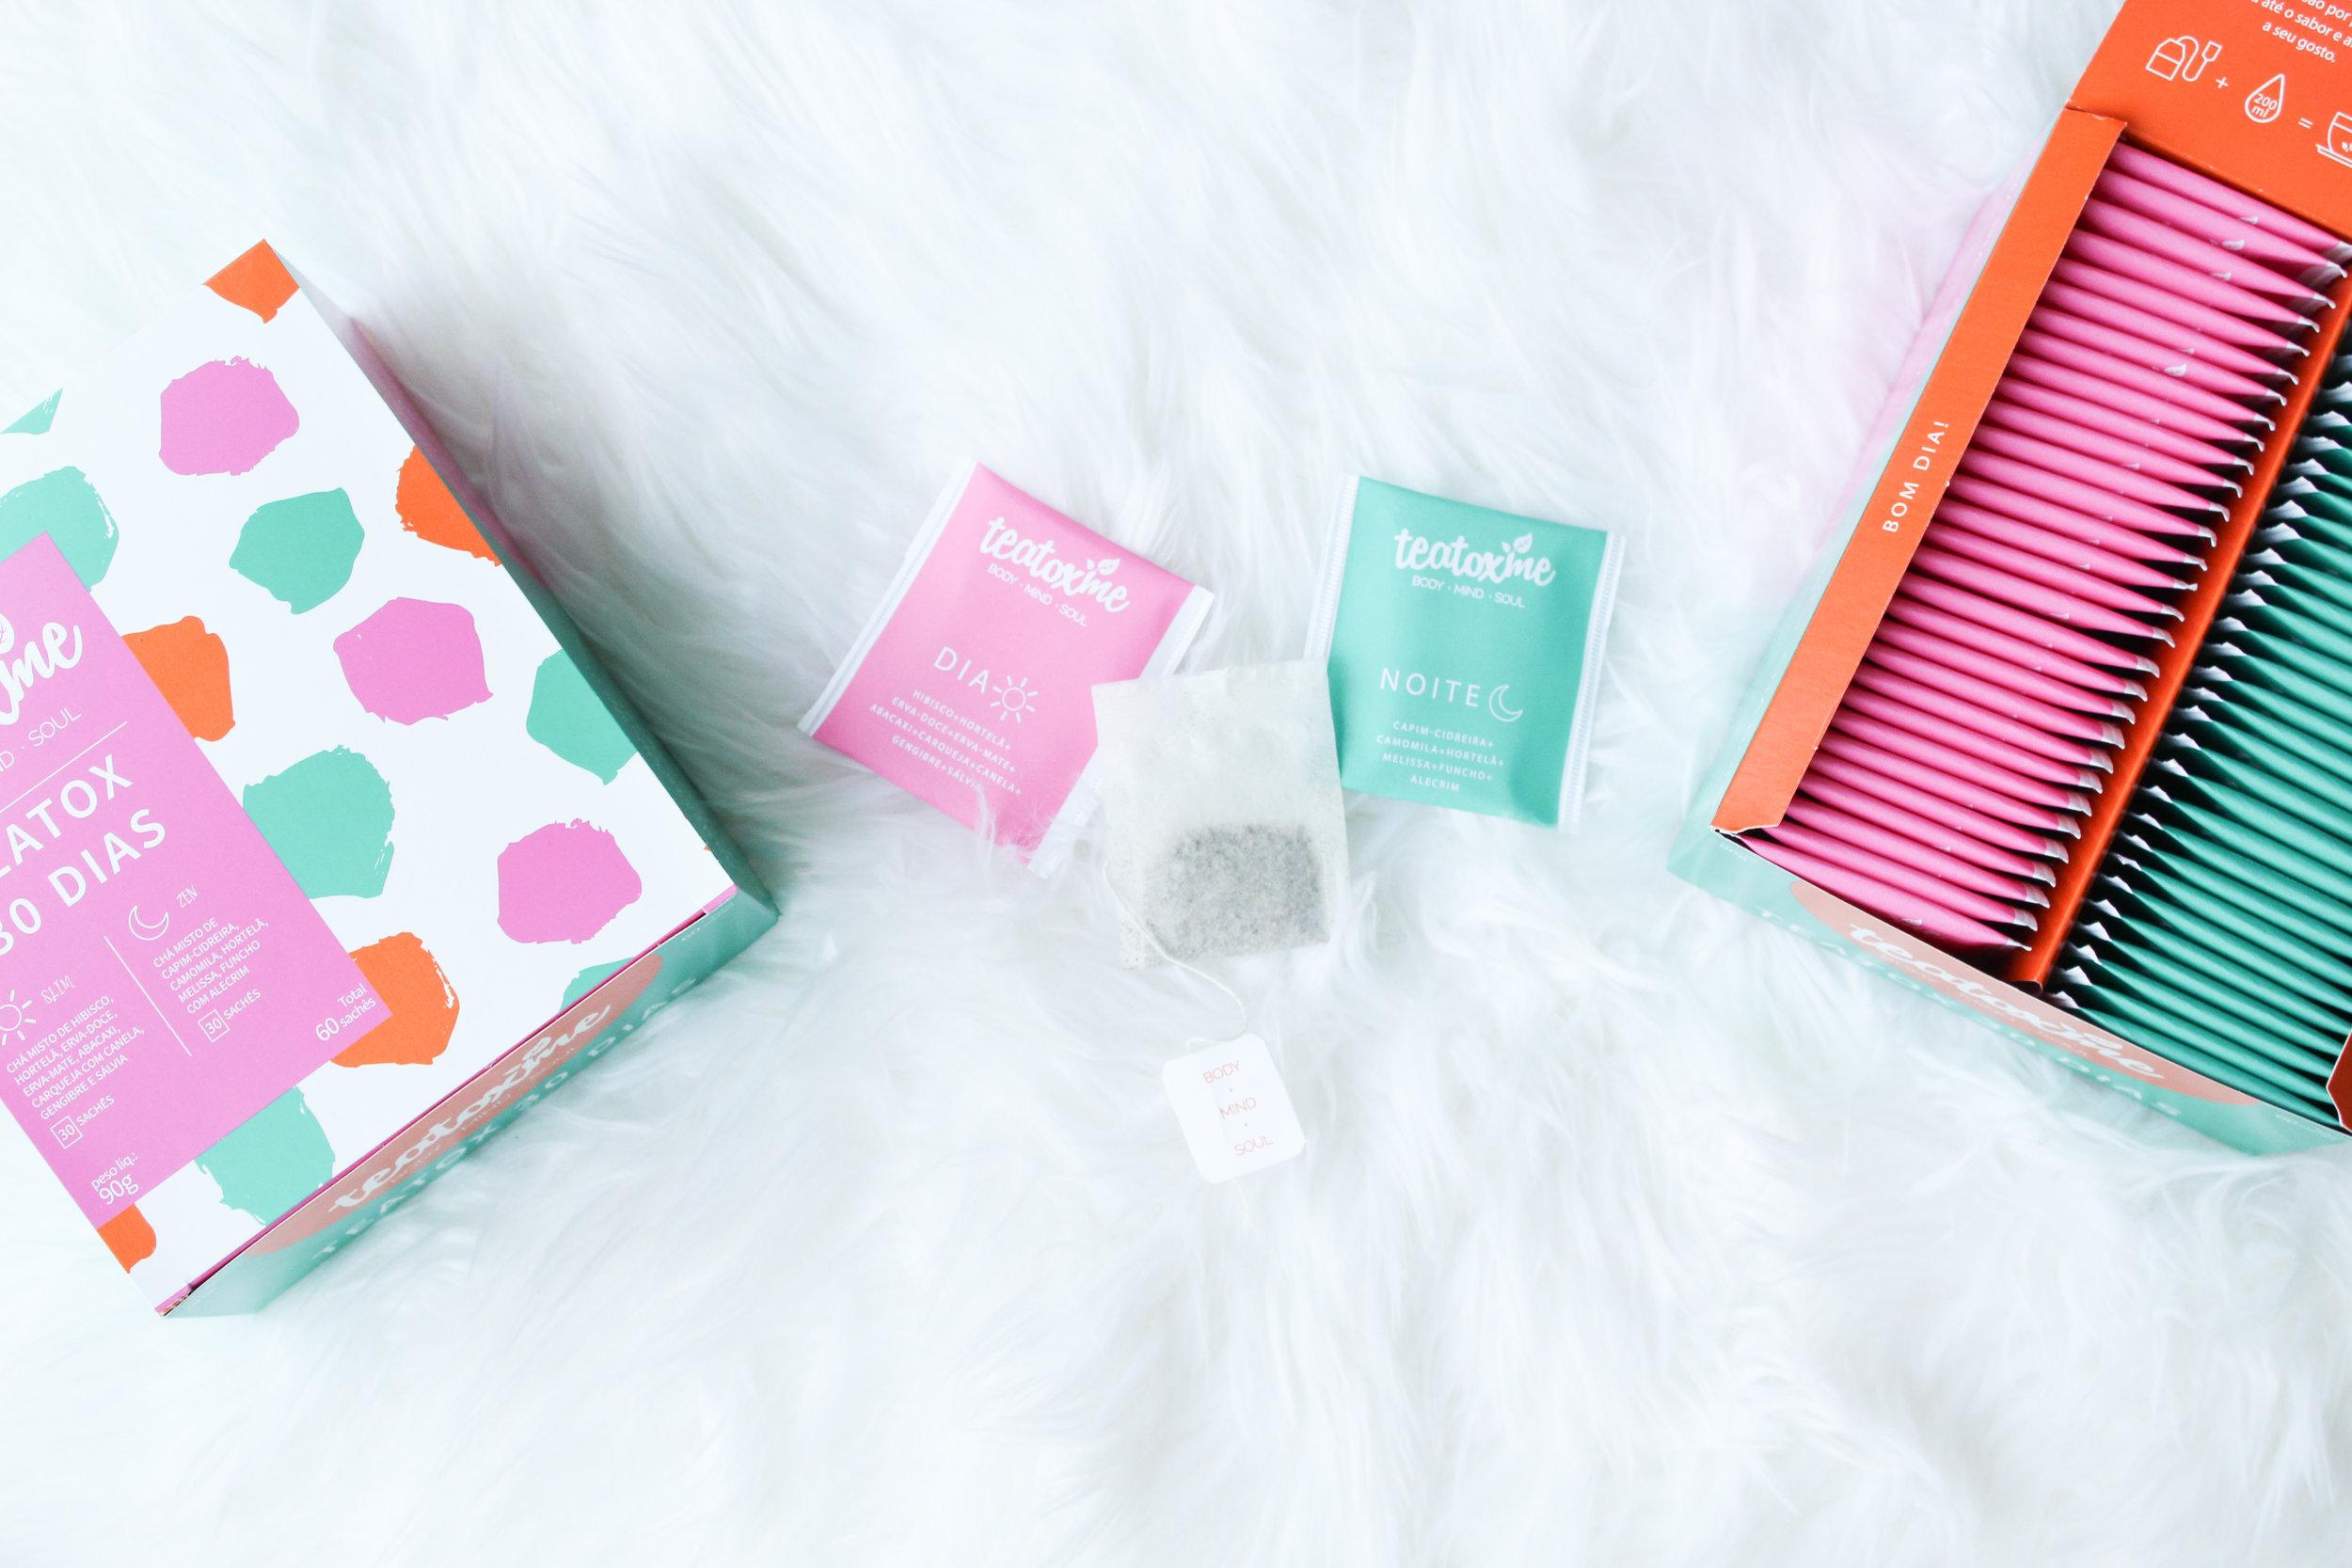 IMG 1074 - Interview: Luciana Valim, Founder TeatoxMe, um marca nova de chá detox